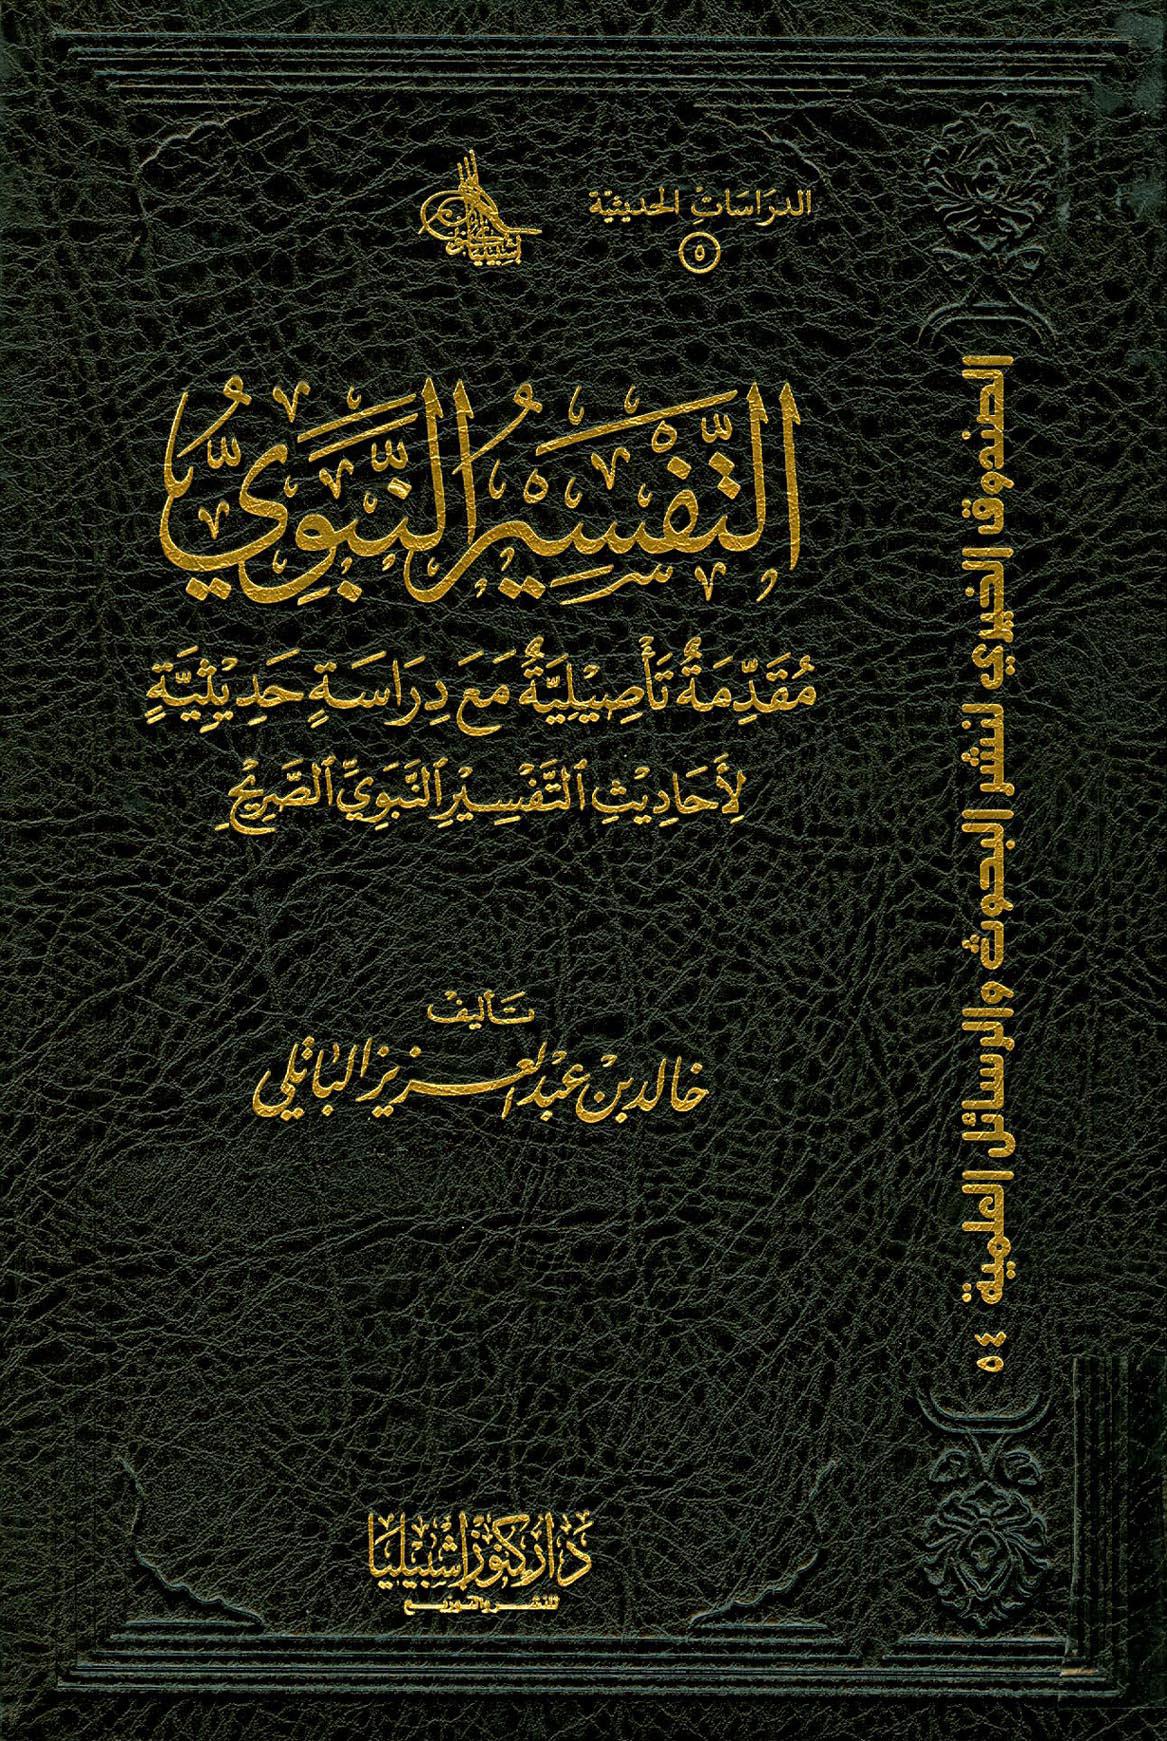 تحميل كتاب التفسير النبوي لـِ: الدكتور خالد بن عبد العزيز الباتلي